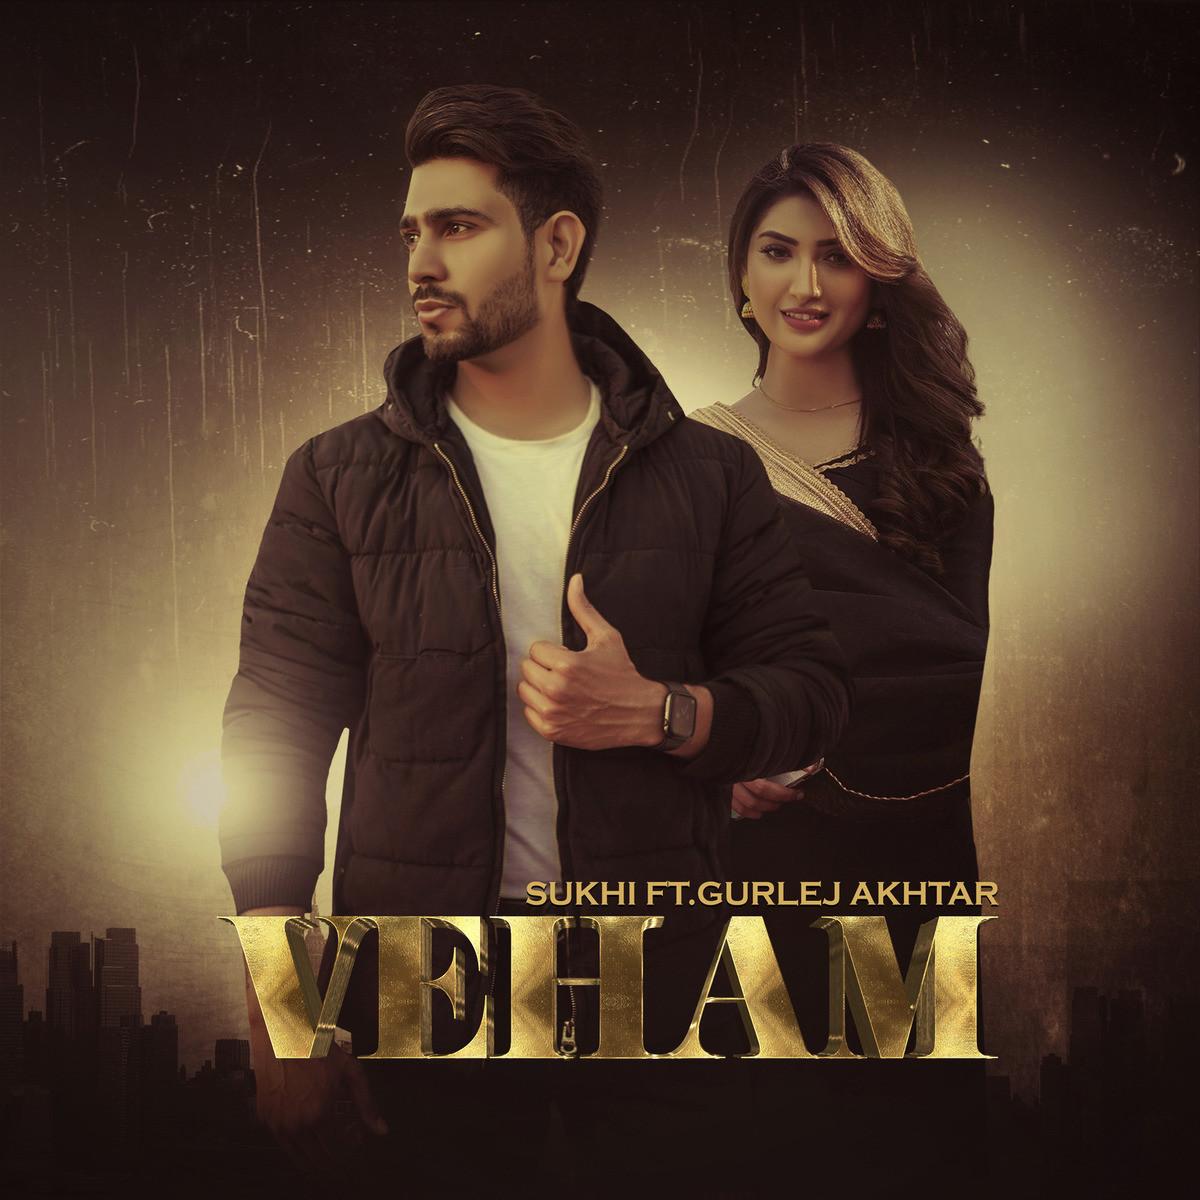 Veham Punjabi Song Cast & Crew Members